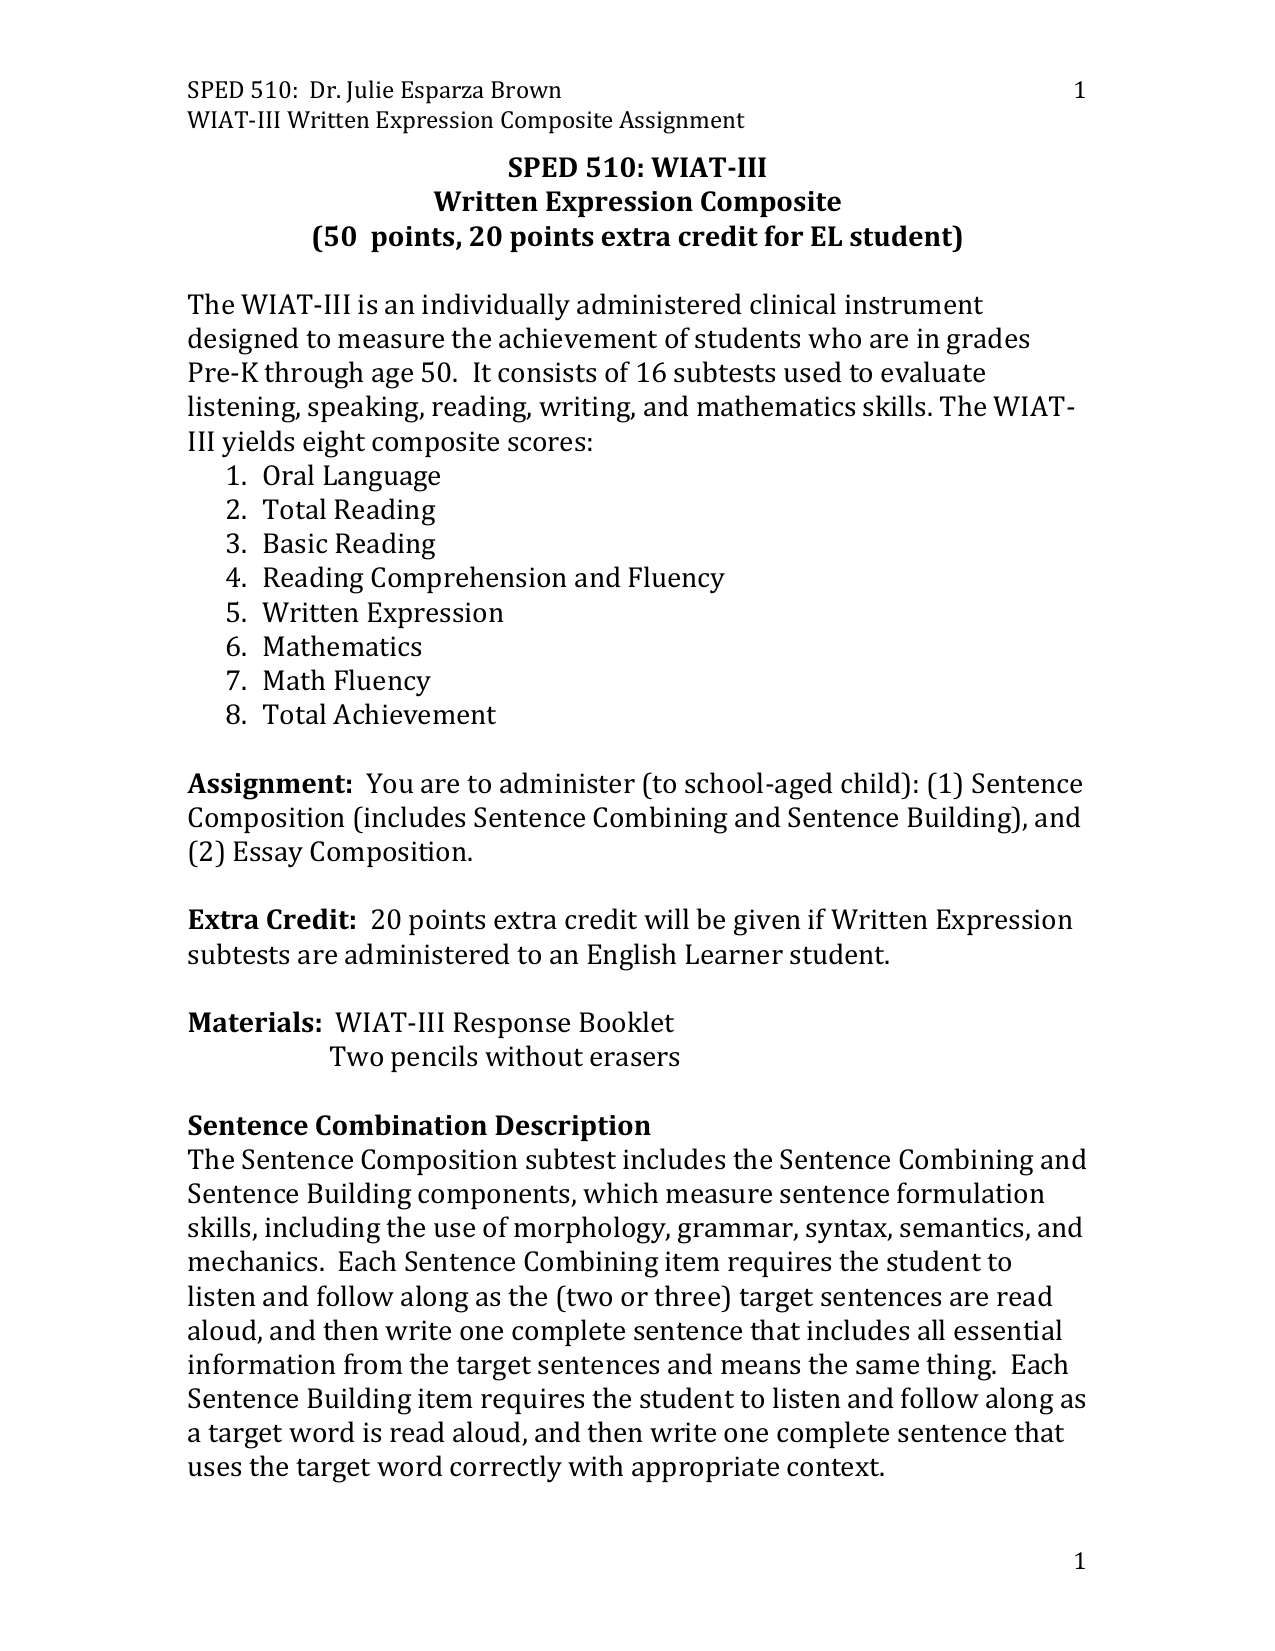 wiat iii essay composition scoring